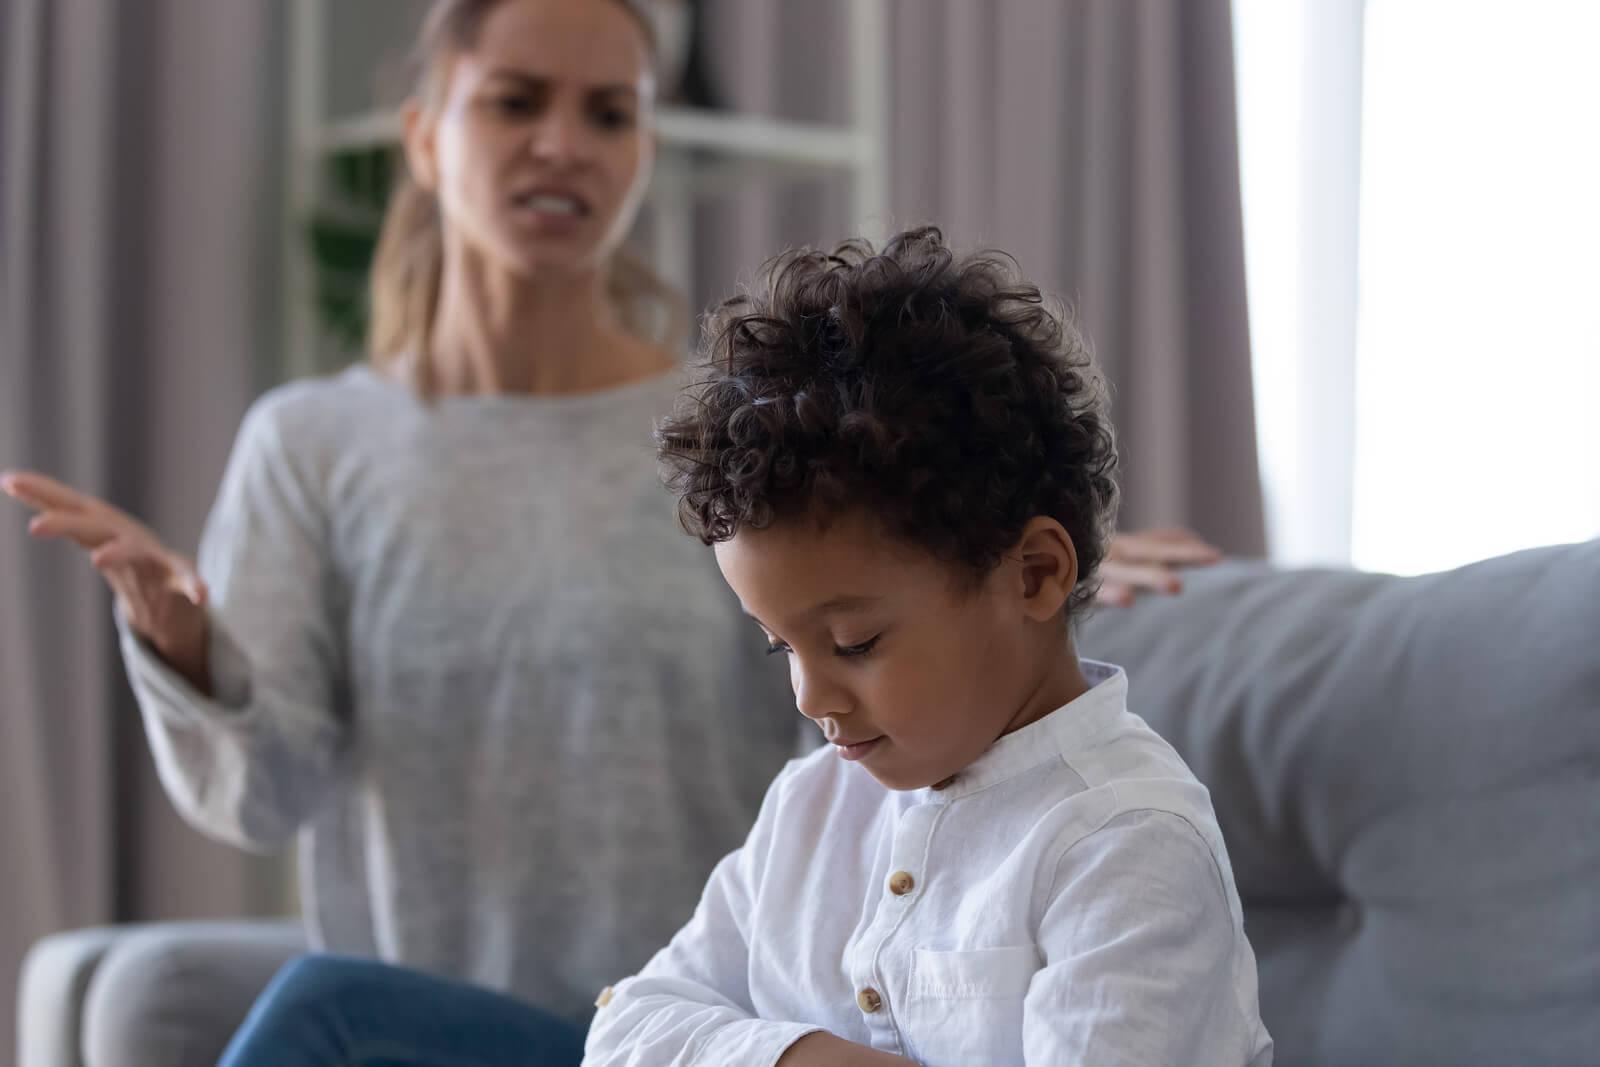 Madre hablando con su hijo para intentar modificar su actitud terca.